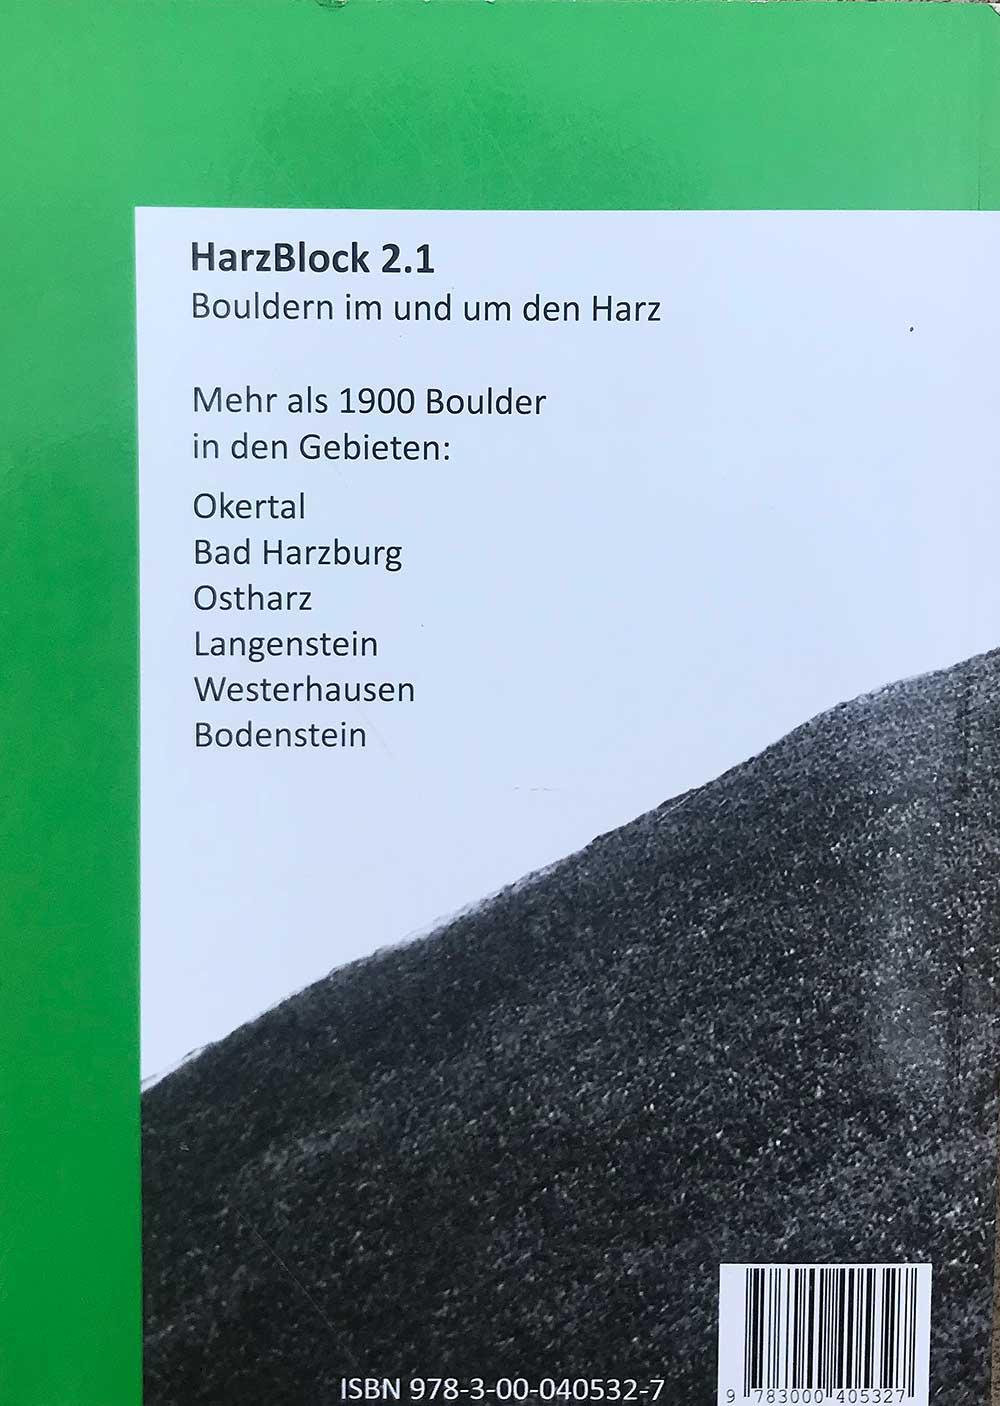 HarzBlock zadní strana